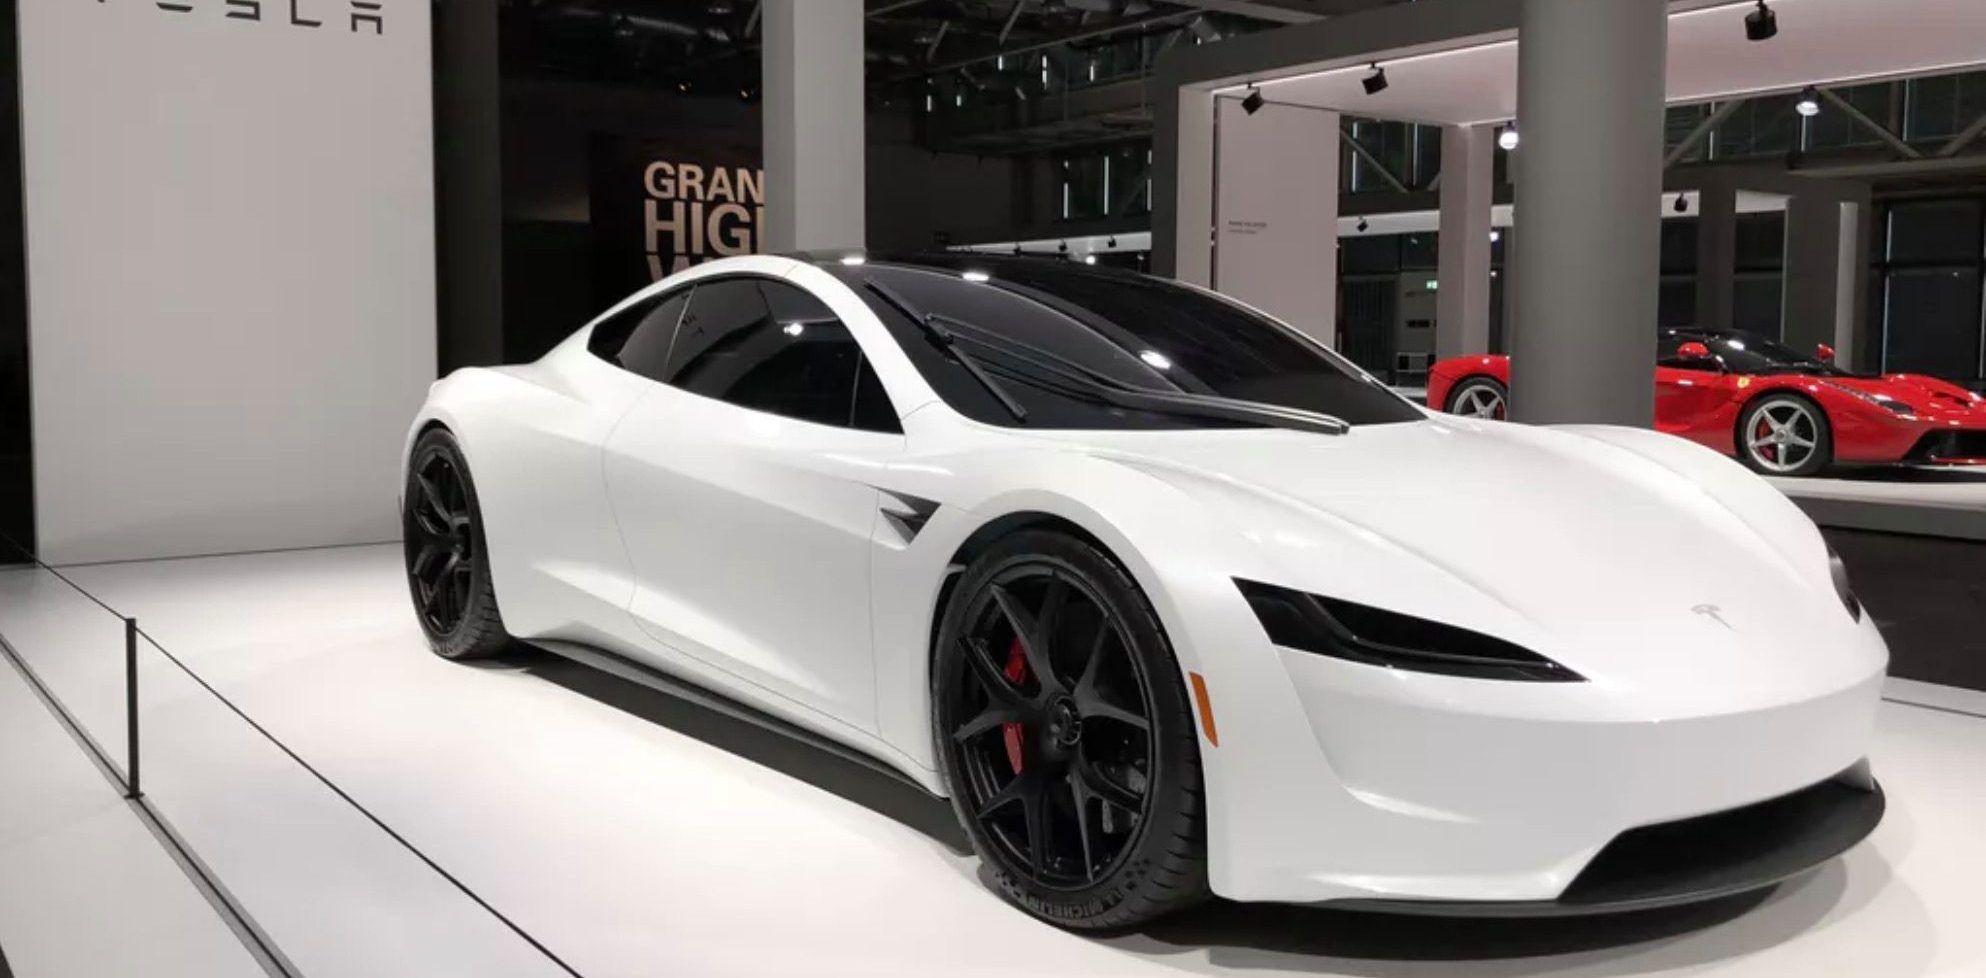 Tesla Roadster makes car show debut at Grand Basel Tesla